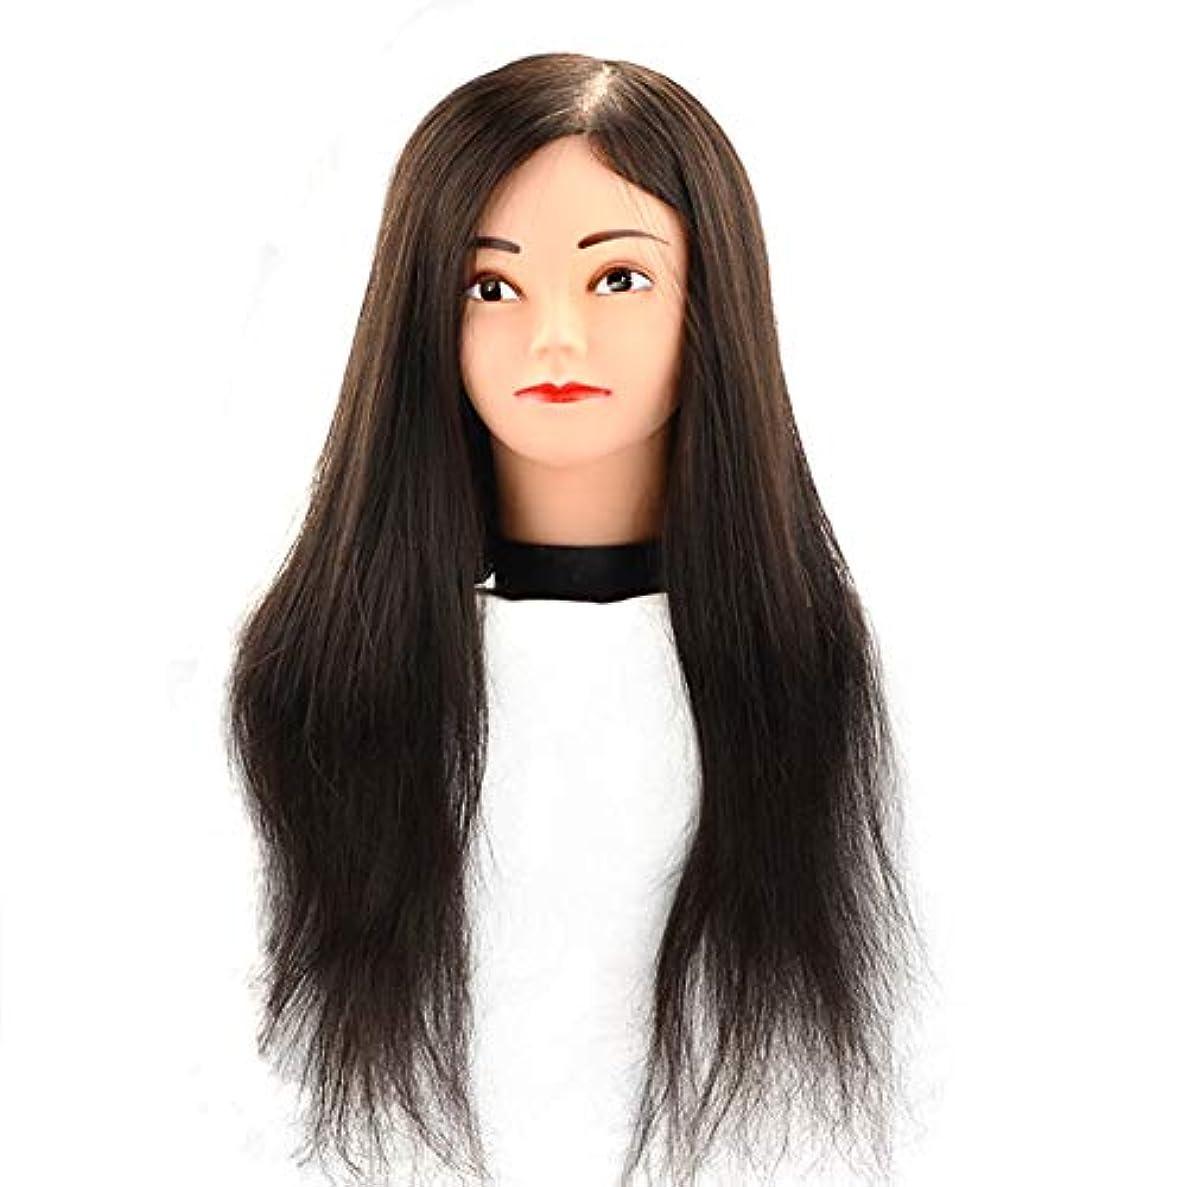 医療の熟達した本質的ではない理髪店パーマ染め髪ダミー練習ヘッド花嫁ディスク髪編組学習ヘッドモデルヘアマネキンヘッド